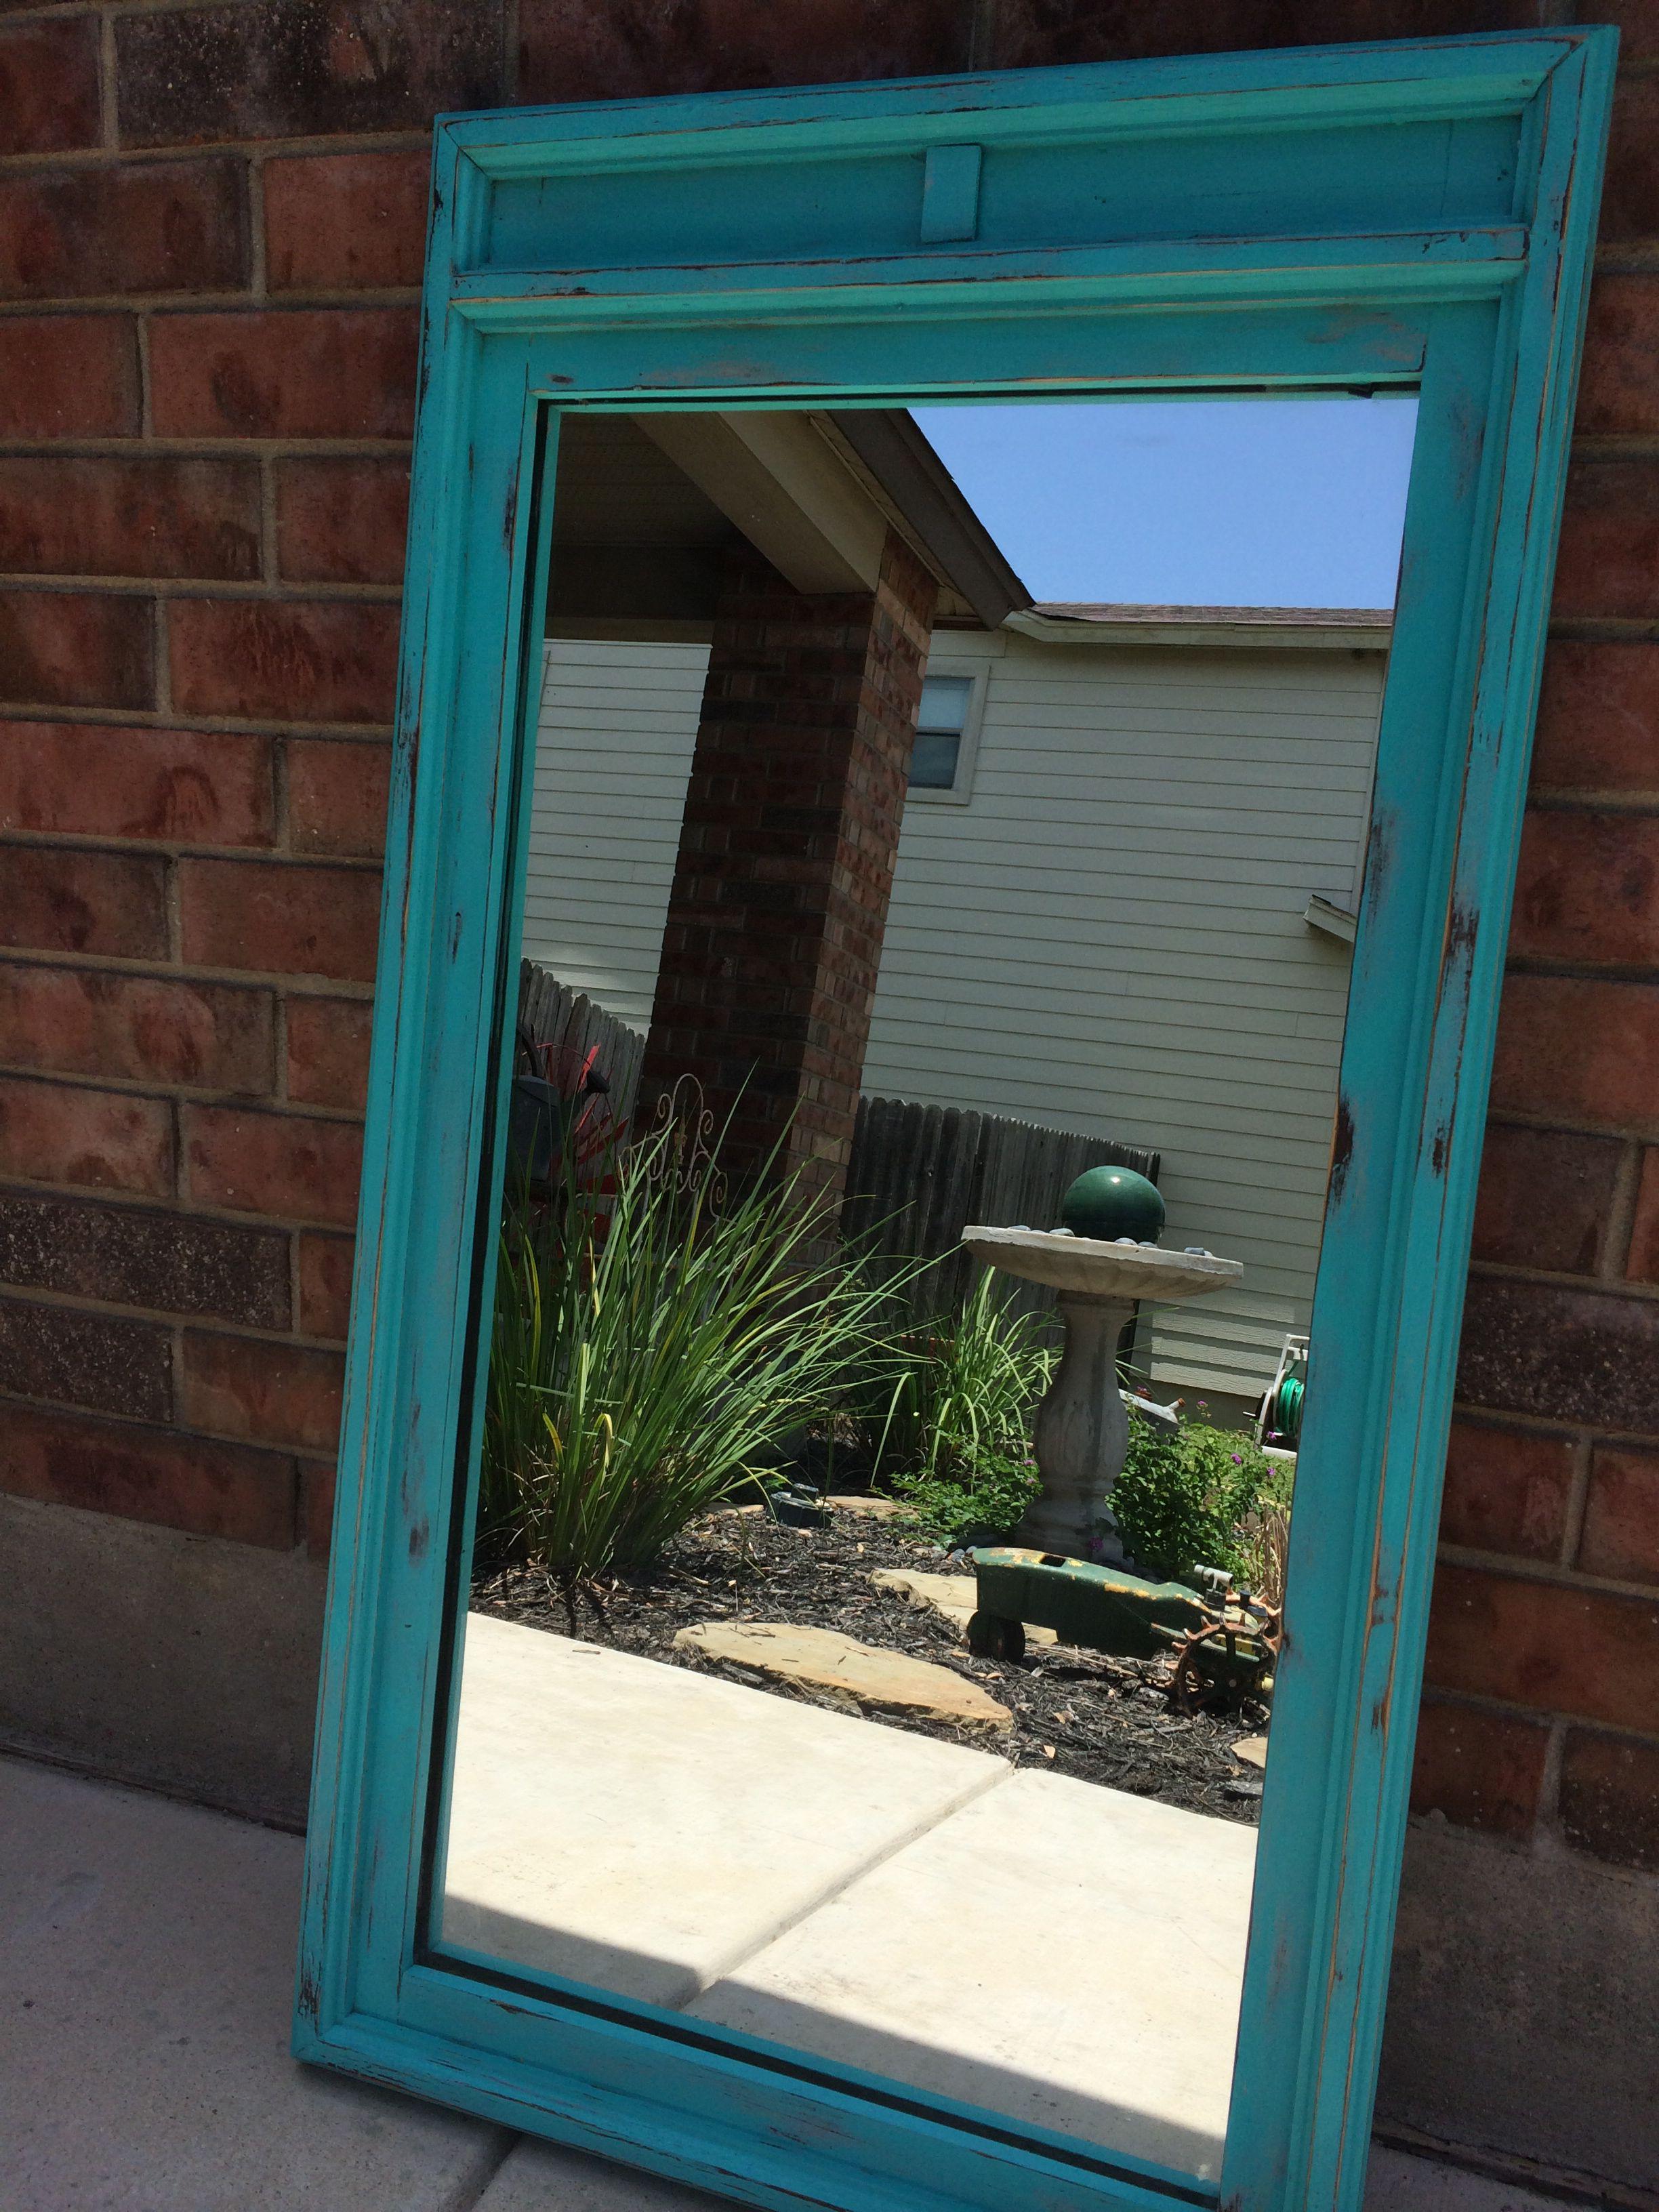 Aqua distressed mirror distressed paintedfurniture diy